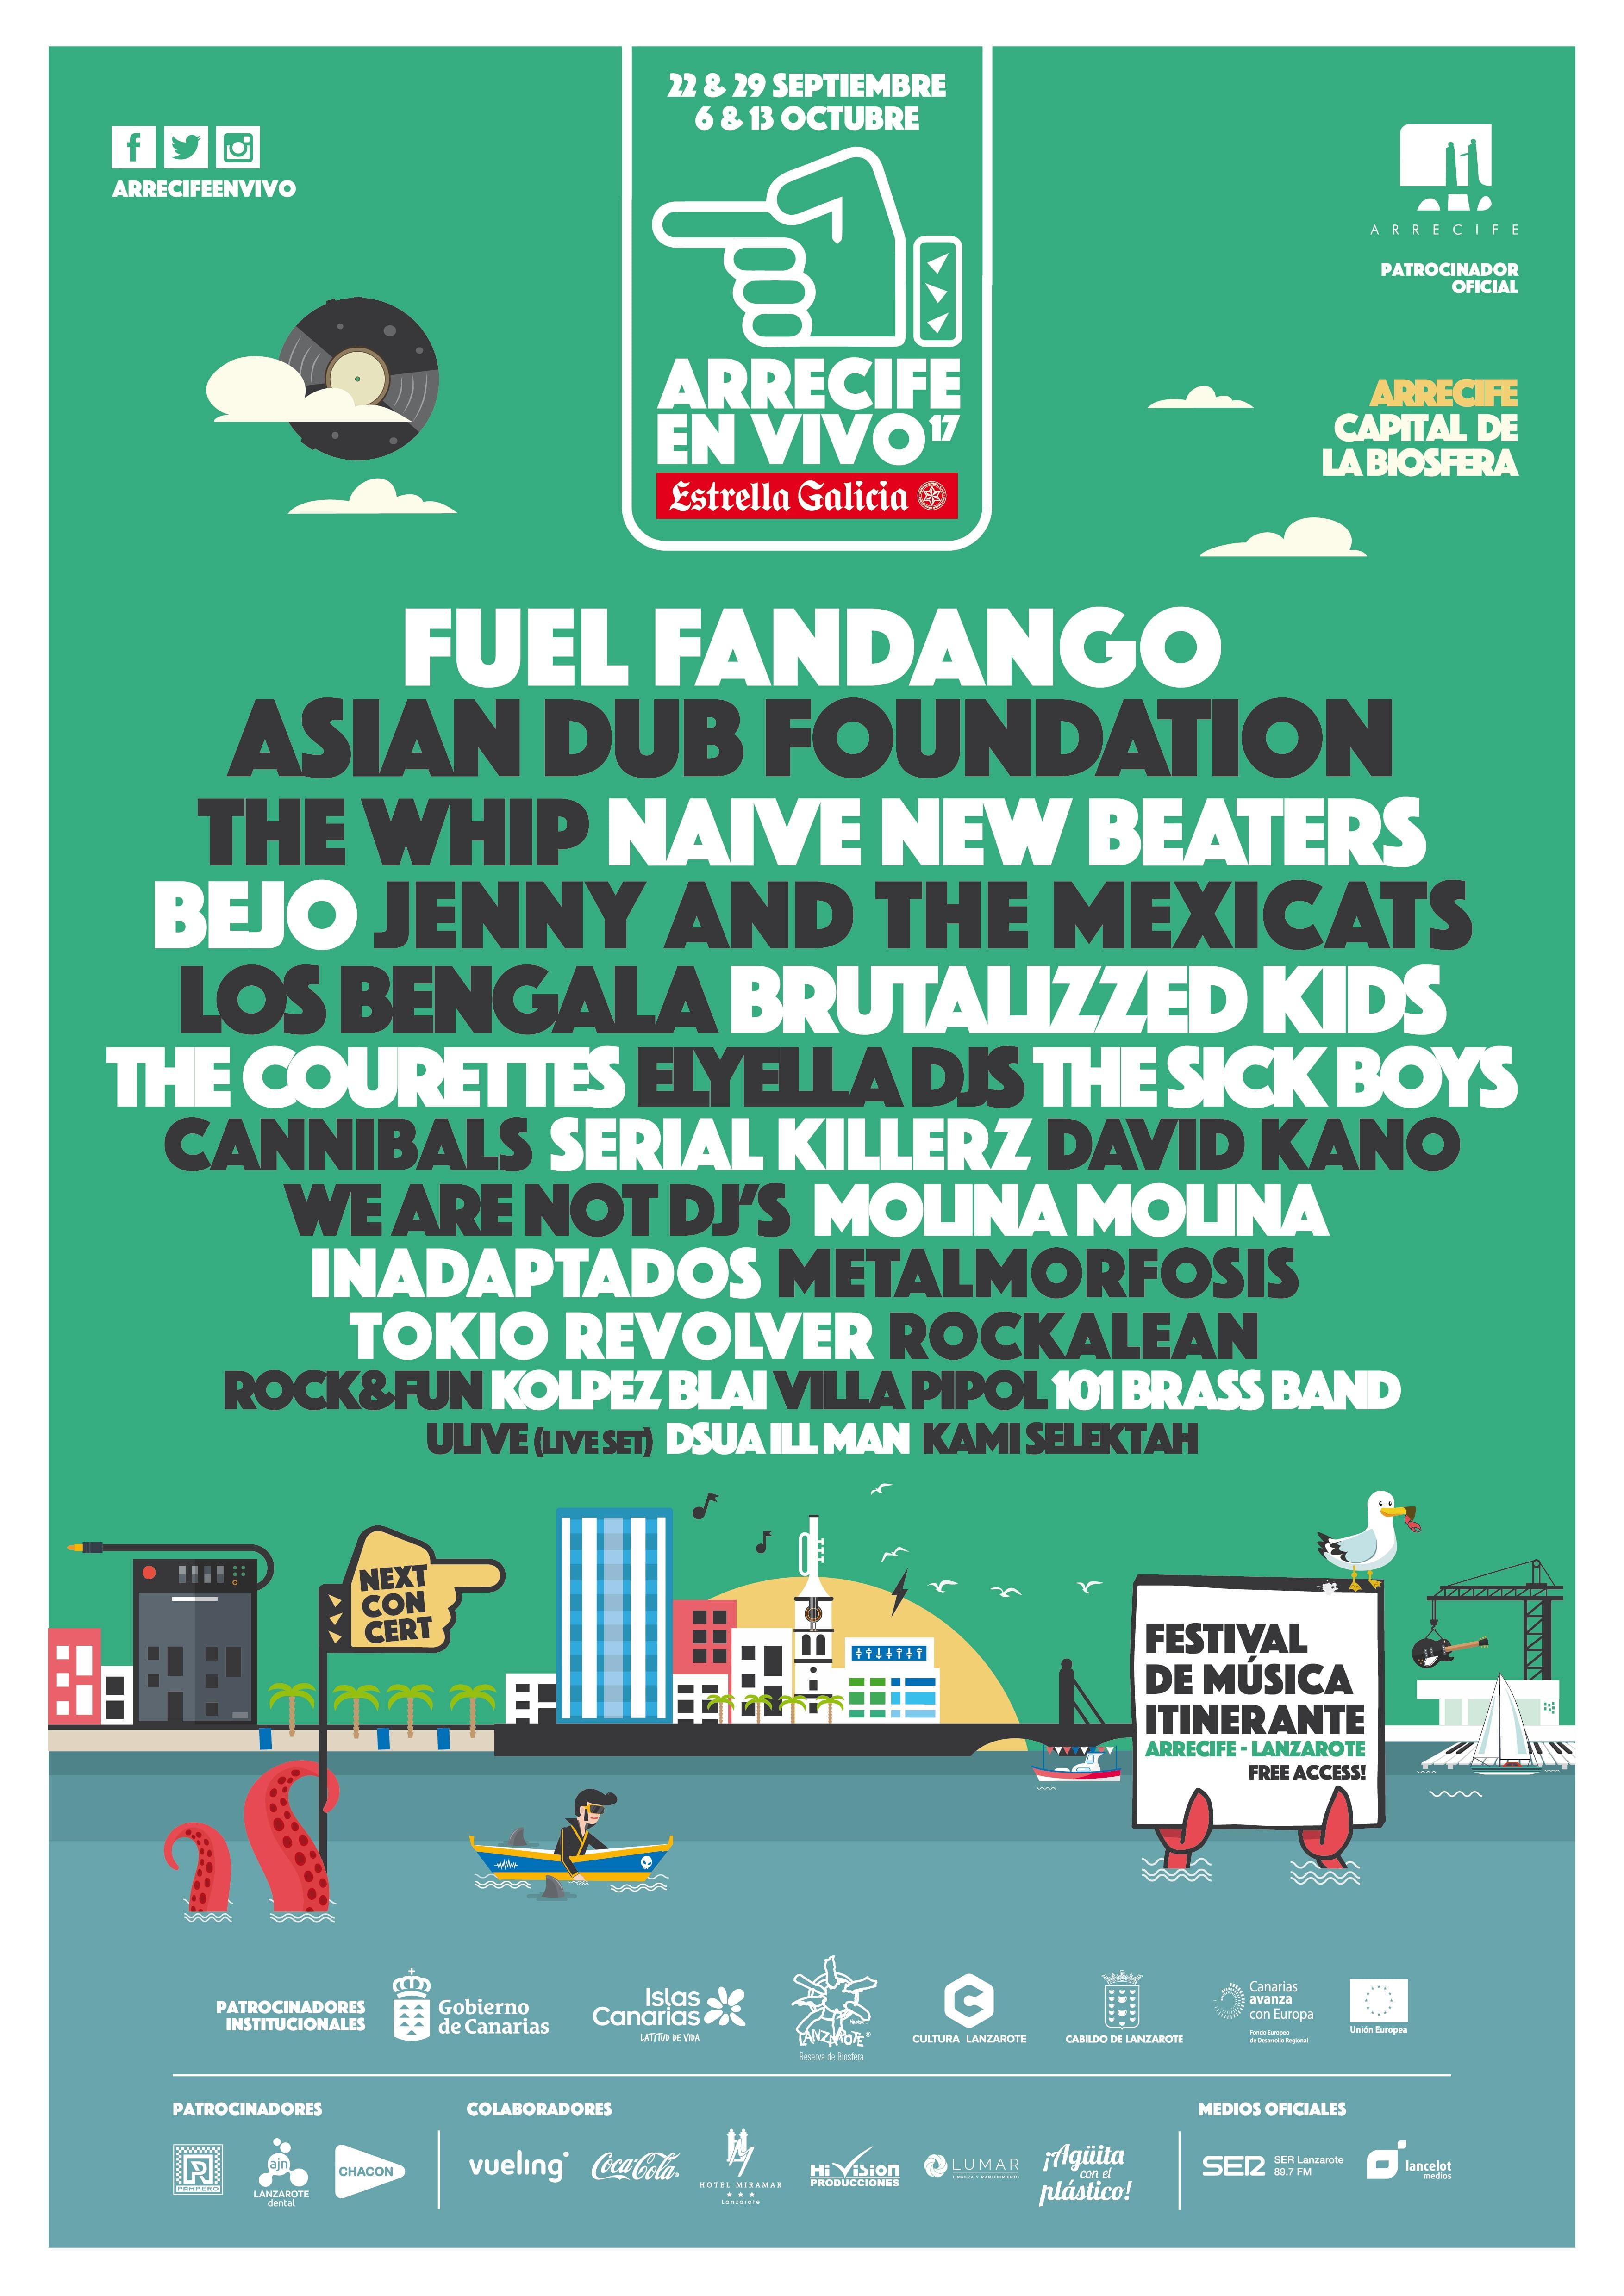 Arrecife en Vivo 2017, Free Festival in Arrecife, Lanzarote